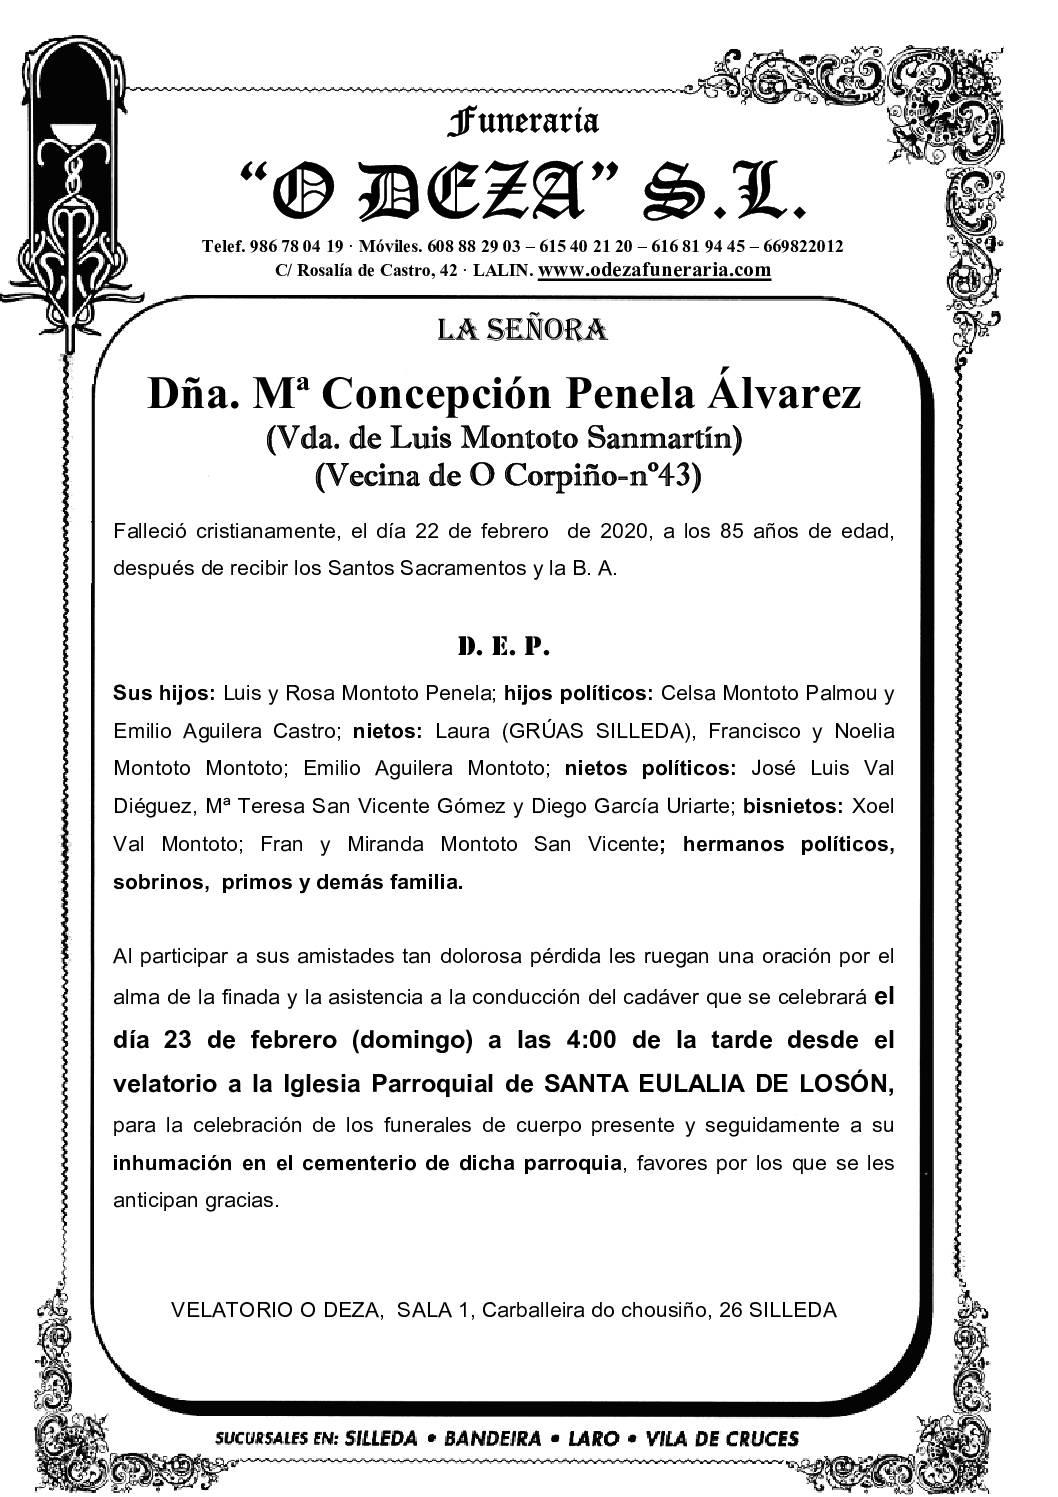 DÑA. Mª CONCEPCIÓN PENELA ÁLVAREZ